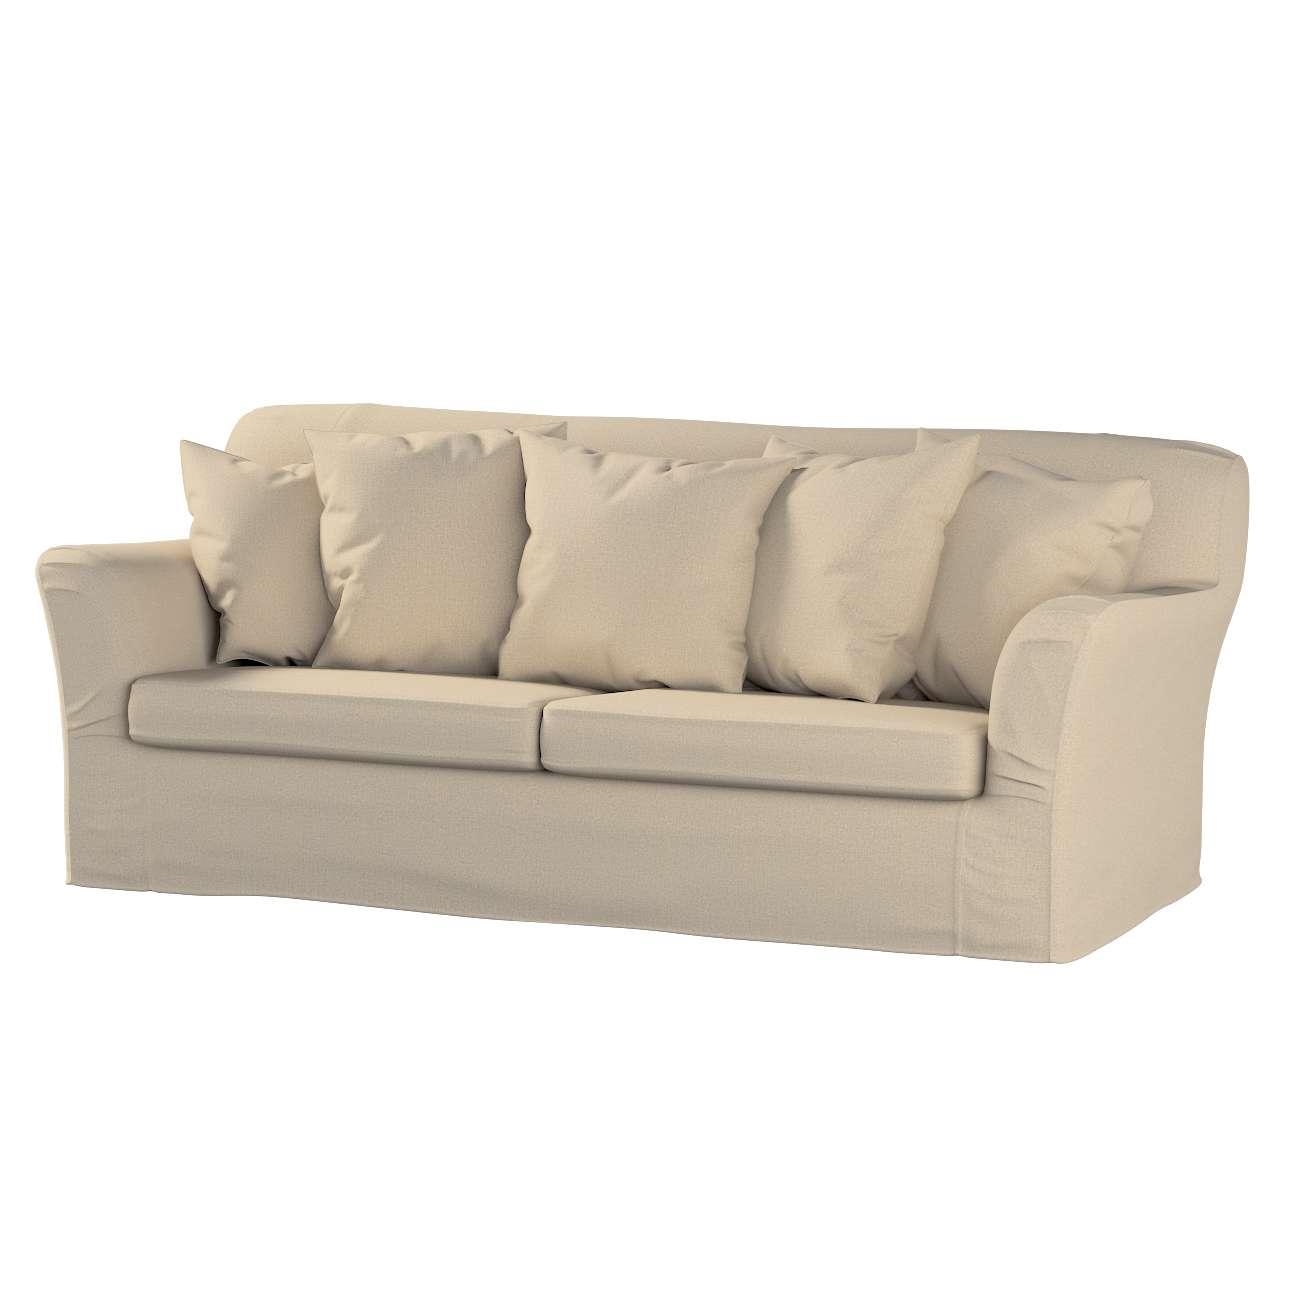 Pokrowiec na sofę Tomelilla rozkładaną Sofa Tomelilla rozkładana w kolekcji Edinburgh, tkanina: 115-78